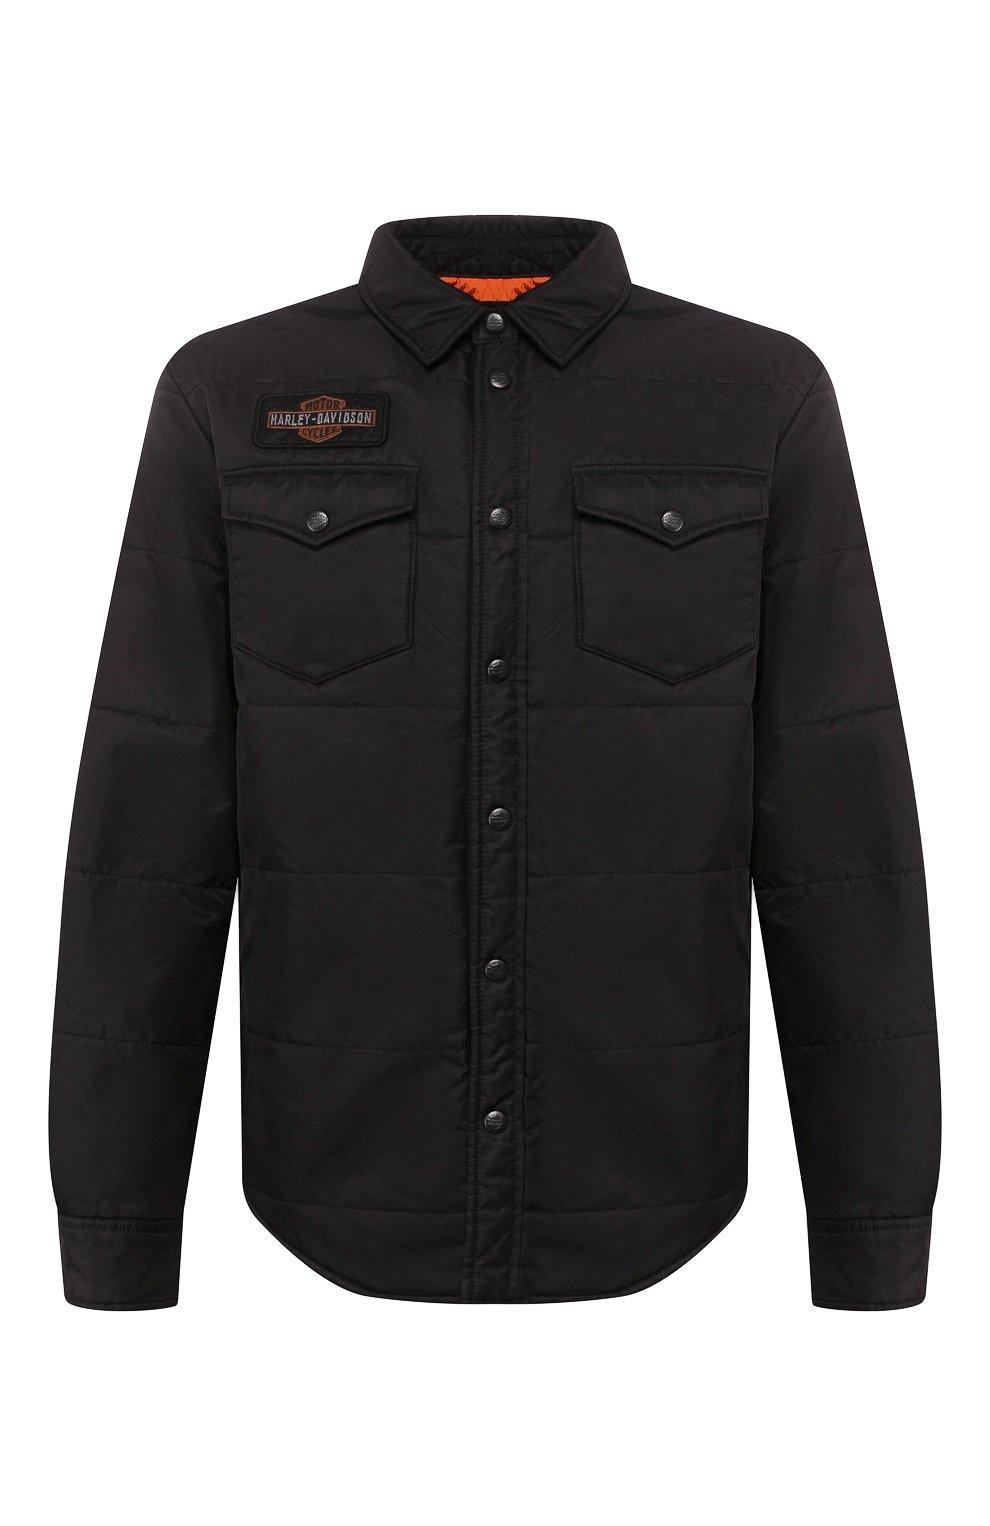 Мужская куртка 1903 HARLEY-DAVIDSON черного цвета, арт. 97494-19VM   Фото 1 (Кросс-КТ: Куртка, Ветровка; Рукава: Длинные; Материал внешний: Синтетический материал; Мужское Кросс-КТ: Куртка-верхняя одежда, Верхняя одежда; Длина (верхняя одежда): Короткие)